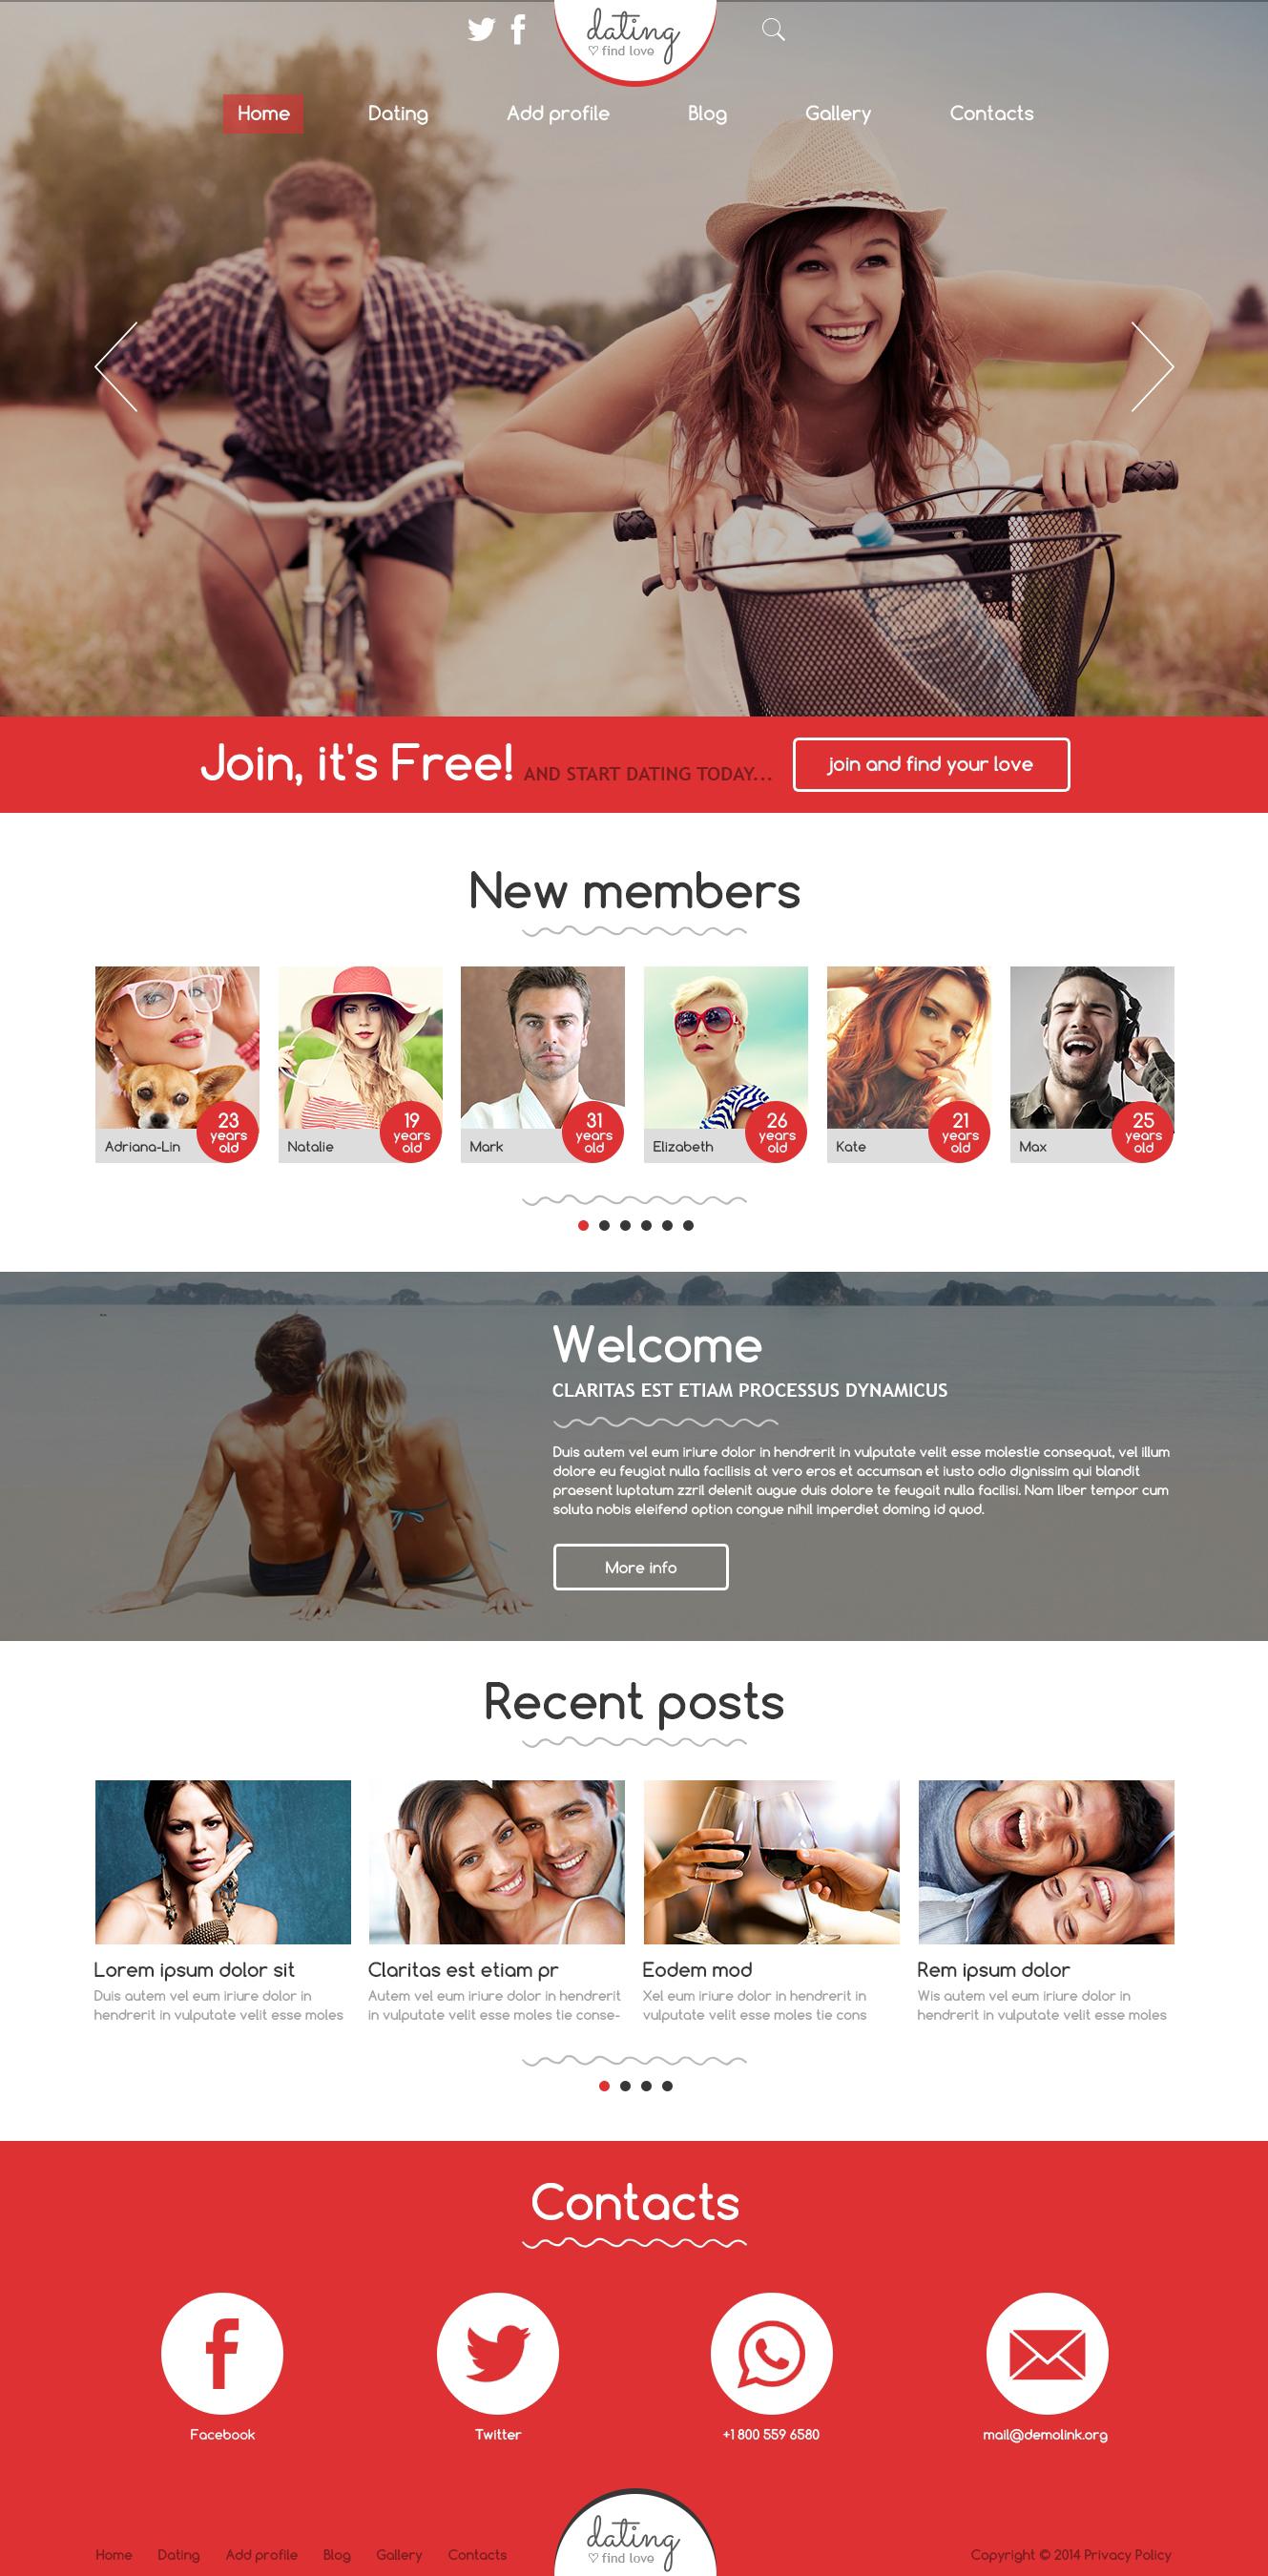 Plantilla Joomla Responsive para Sitio de Búsqueda de pareja #49665 - captura de pantalla